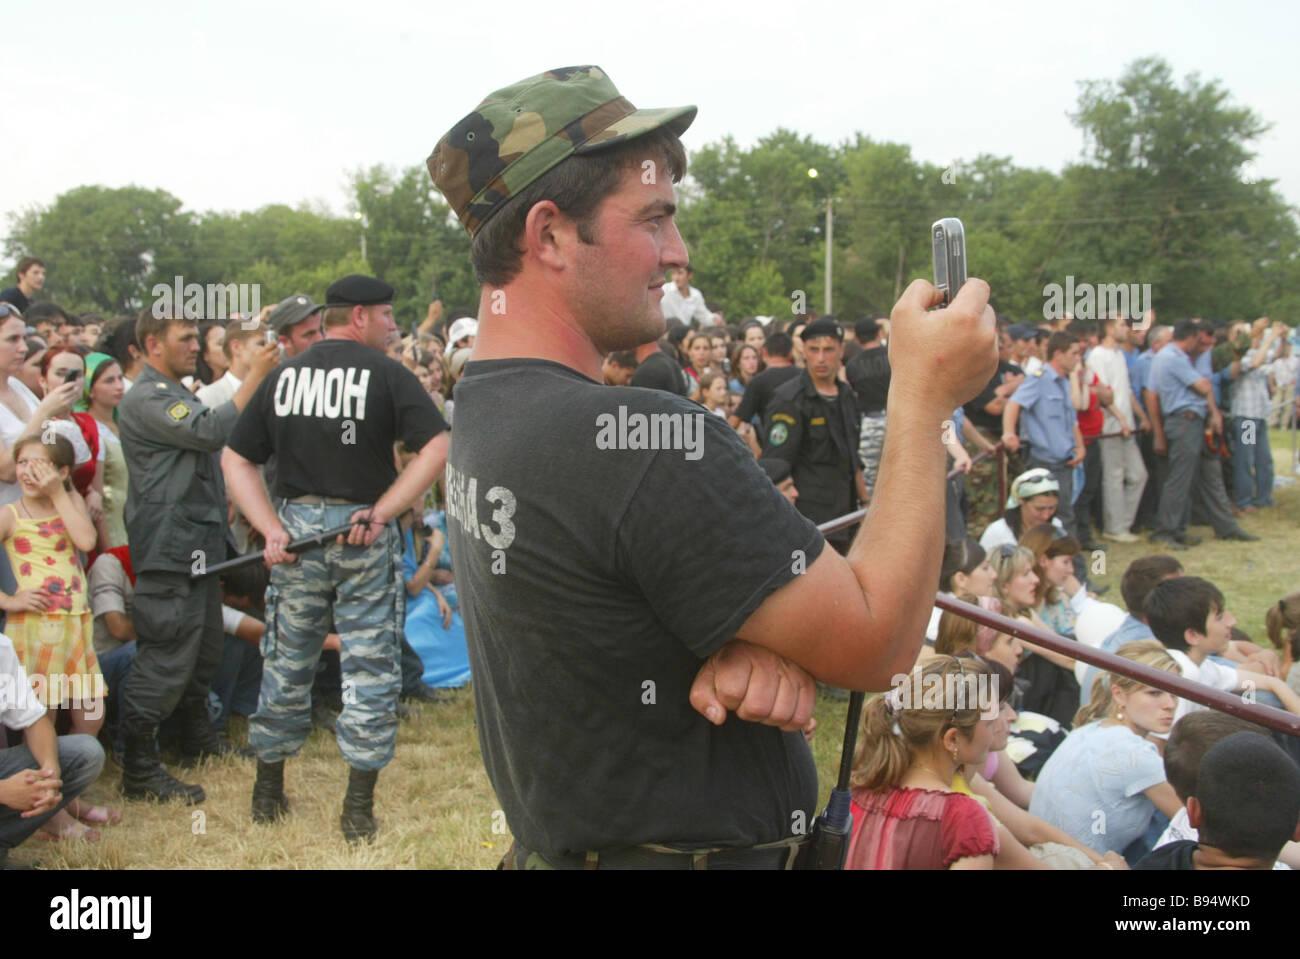 Quasi 10 000 persone erano presenti presso la scuola repubblicana lasciato party in Gudermes Immagini Stock